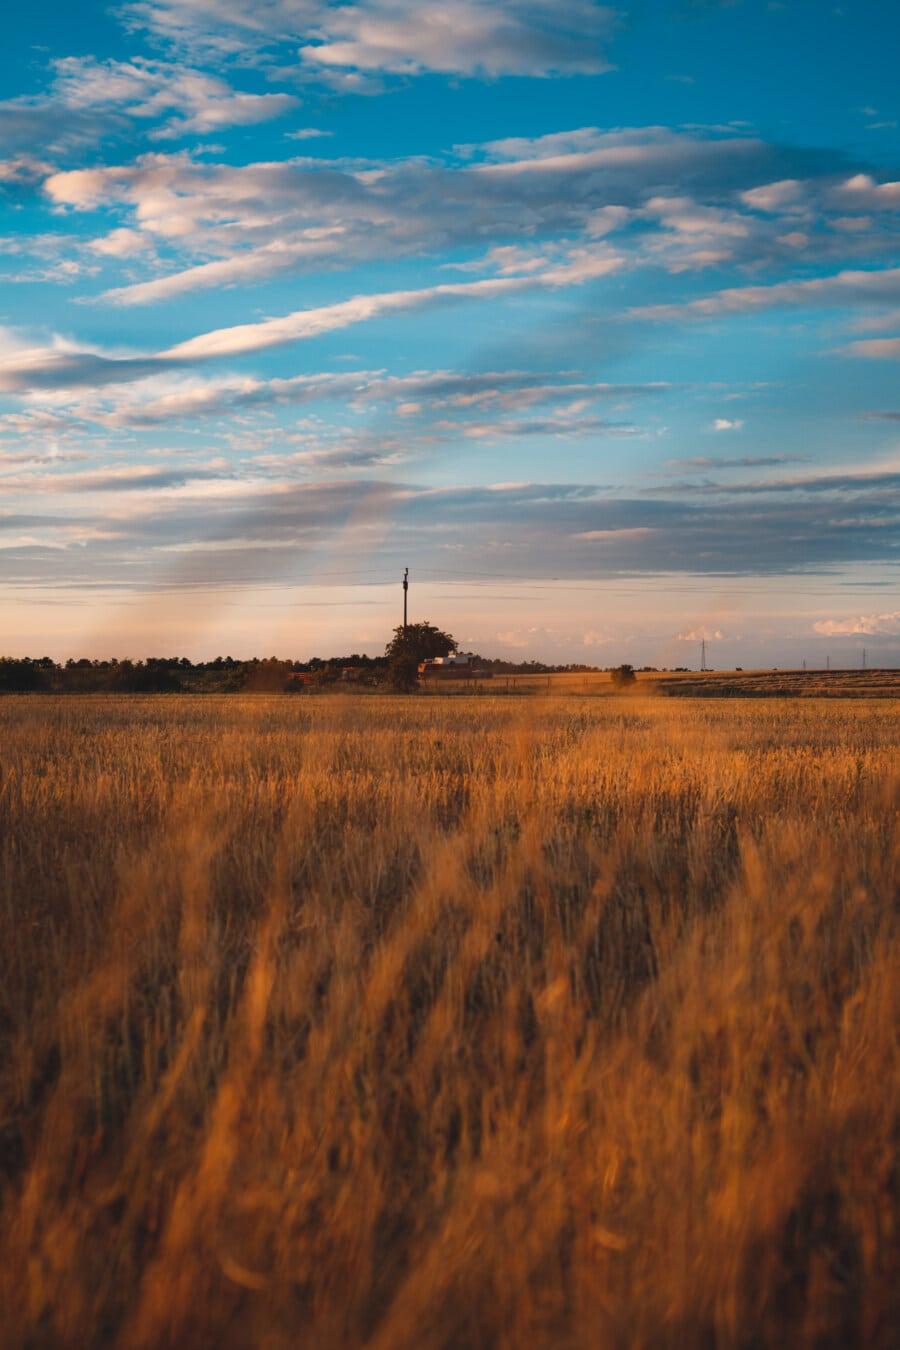 campagne, Agriculture, rural, champ de blé, coucher de soleil, domaine, paysage, aube, atmosphère, blé